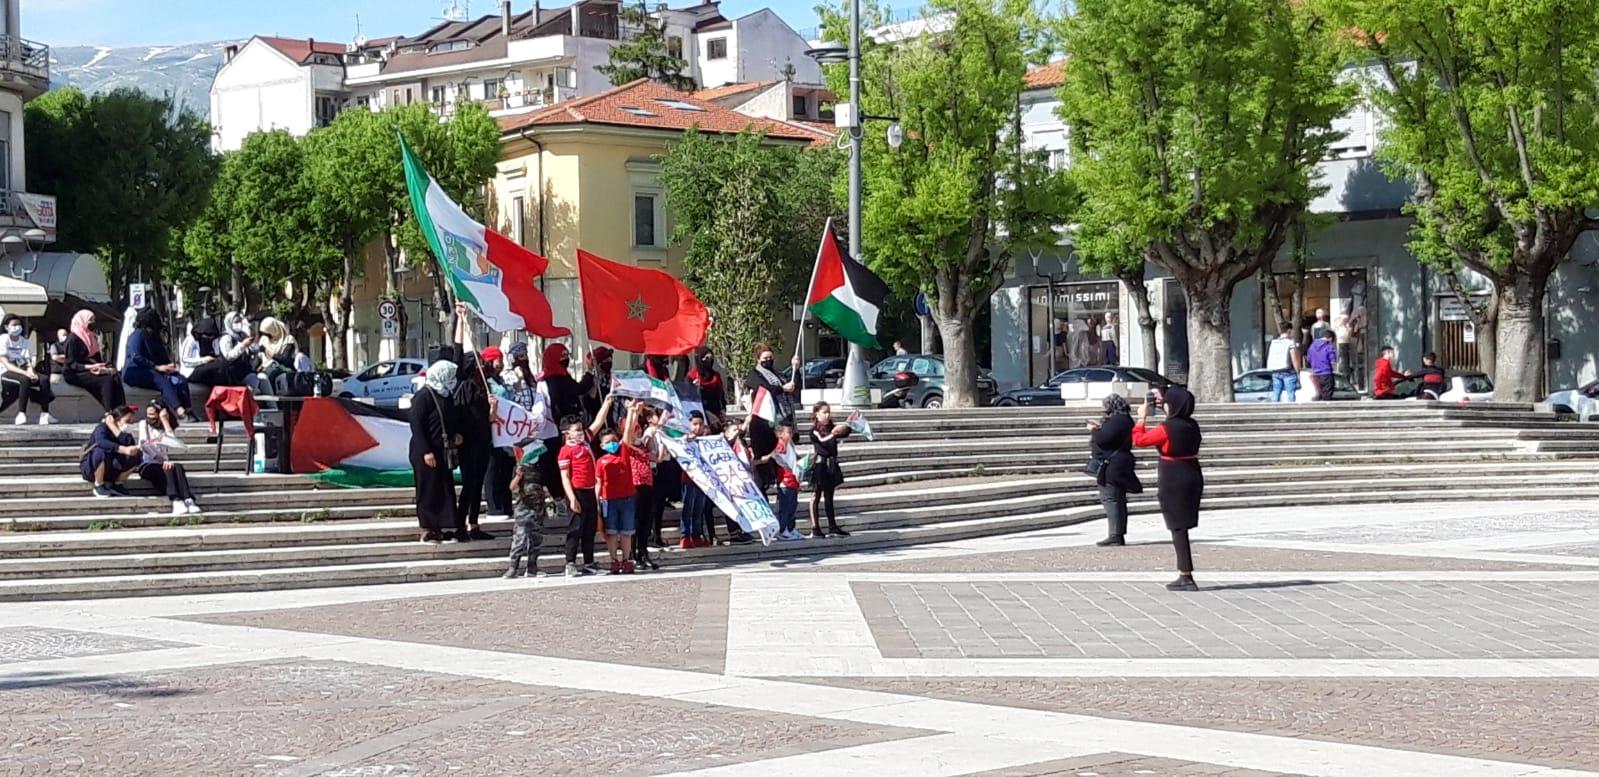 Avezzano, la comunità marocchina scende in piazza a favore della Palestina